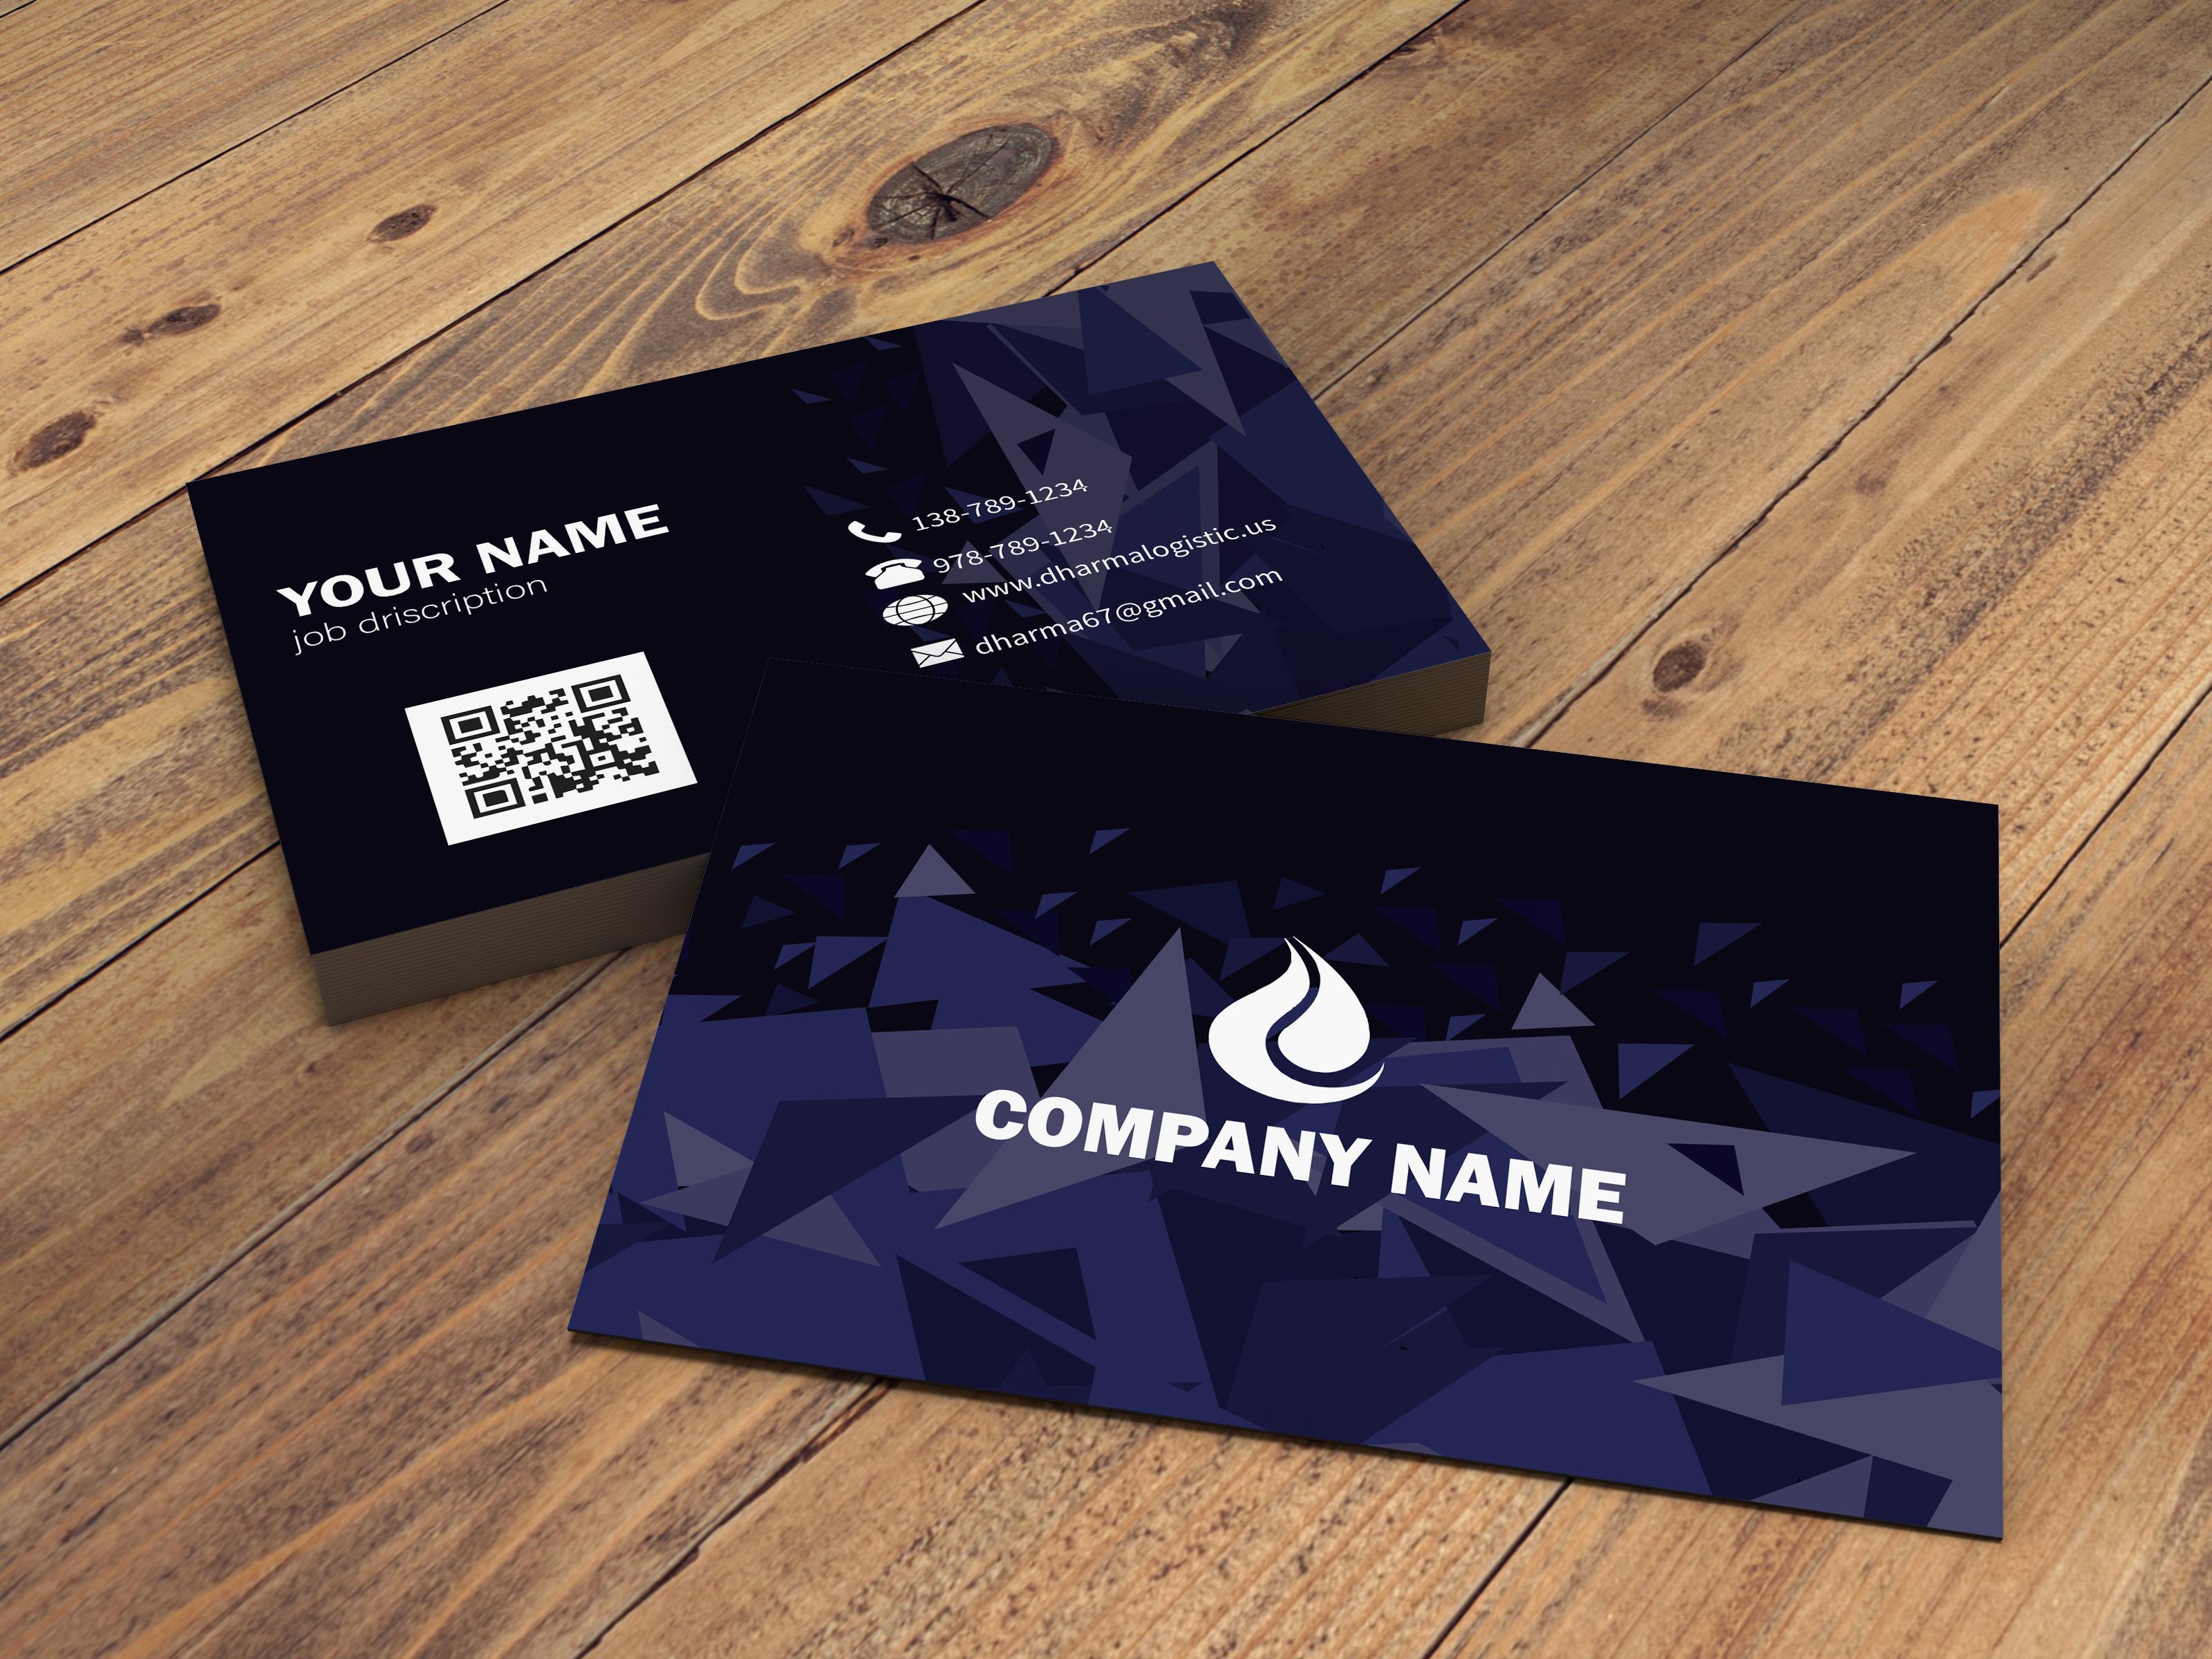 I will do unique/creative business card design